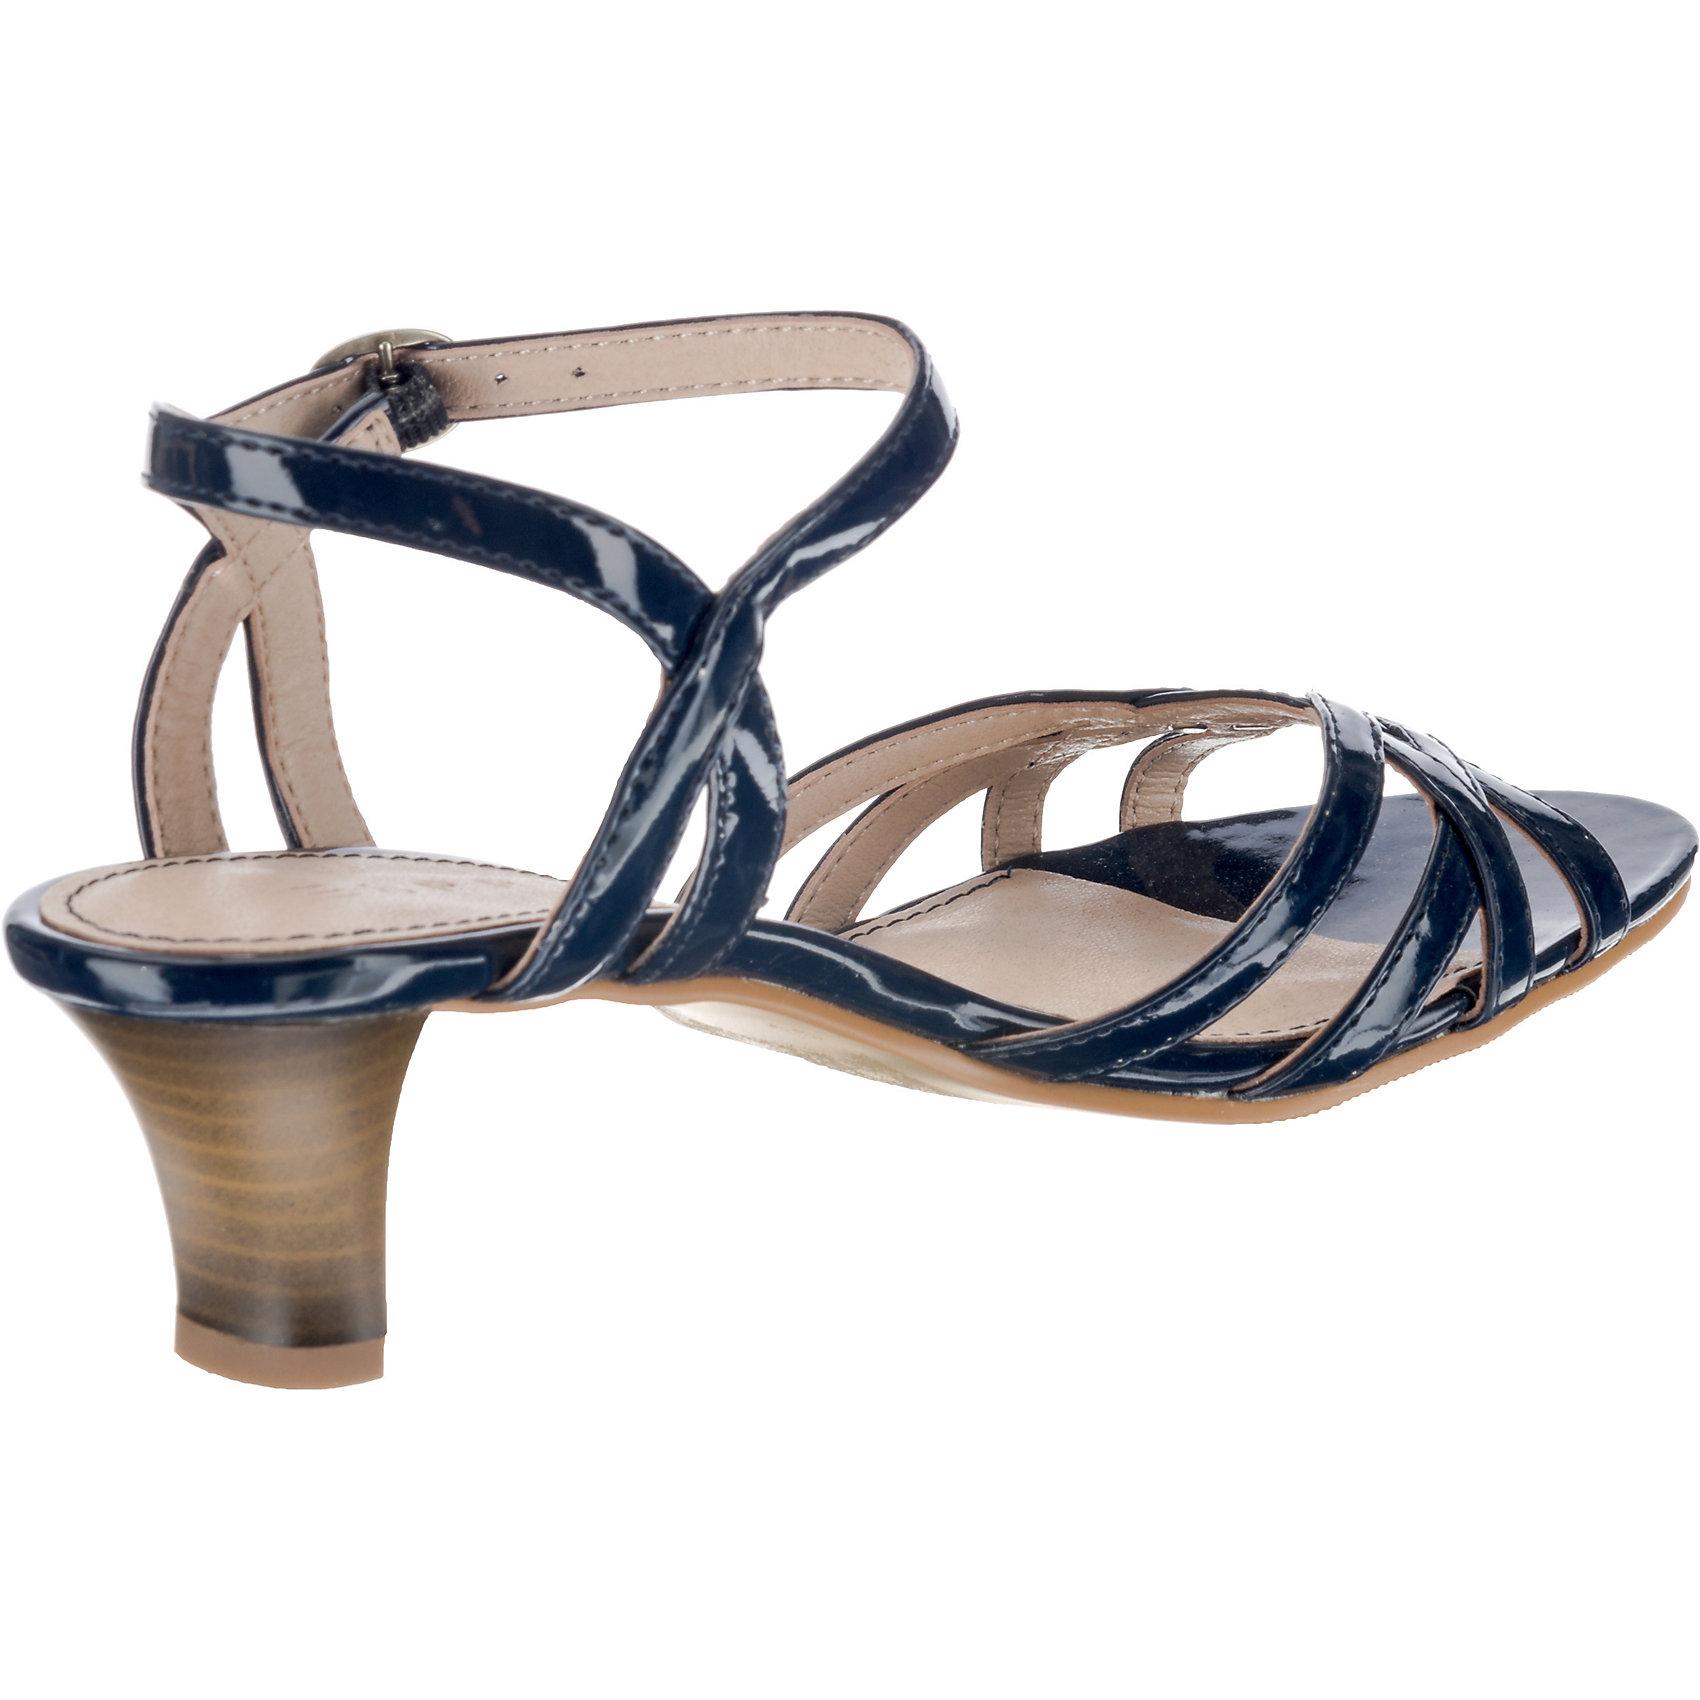 Neu ESPRIT Sandale Birkin Sandale ESPRIT RiemchenSandaleetten 7646735 für Damen weiß 2596d3